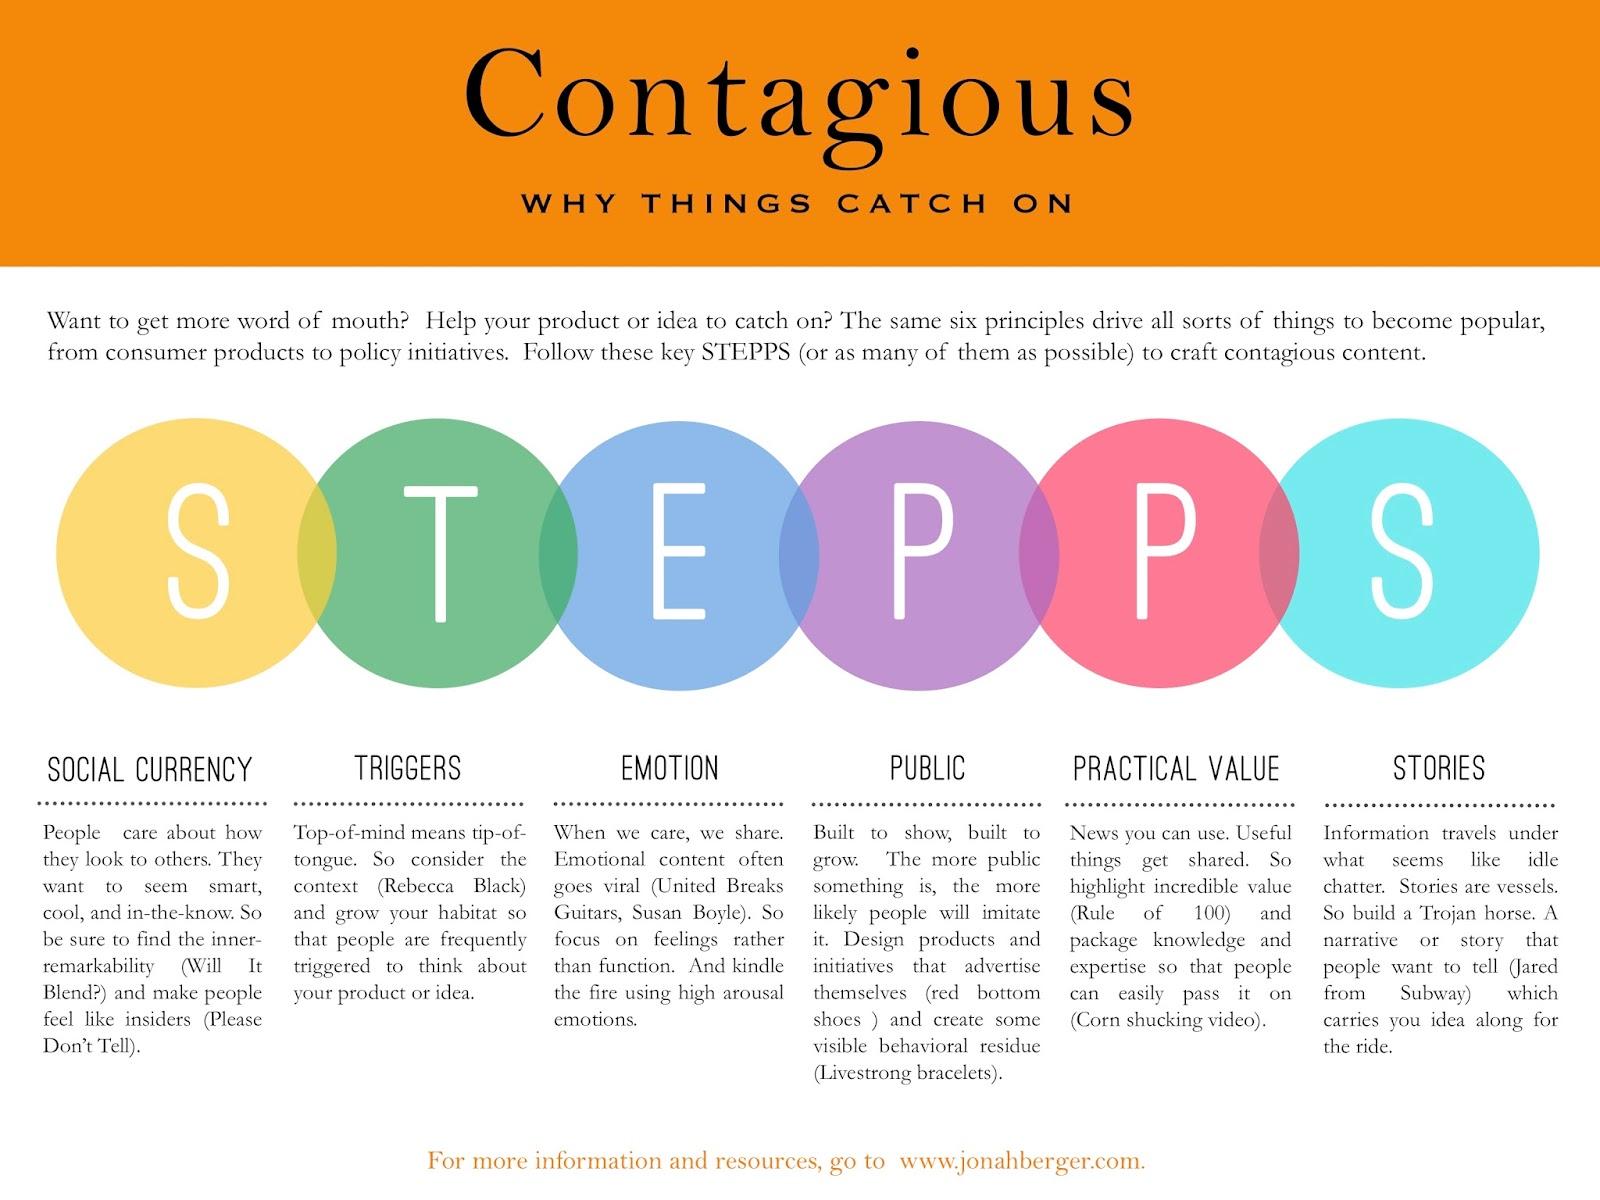 Contagious - Bir Urunu veya Fikri Populer Yapan Nedir? (Kitap)